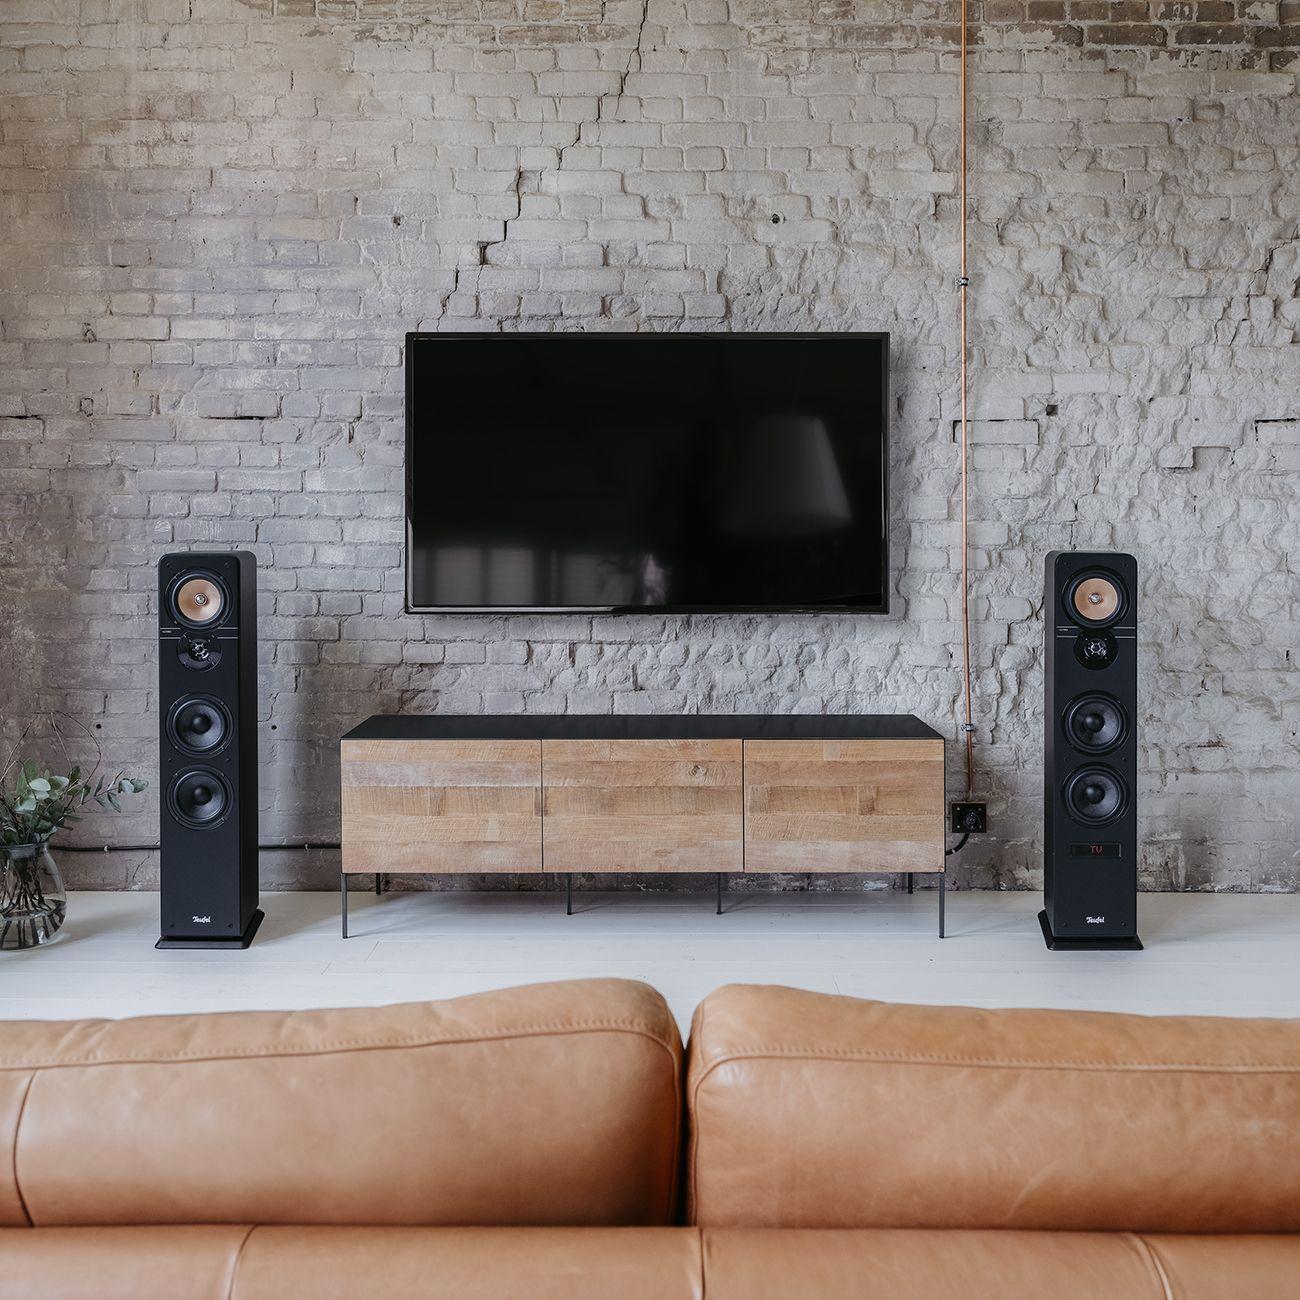 Aussen Legendar Innen Aktiv Die Neue Ultima 40 Aktiv Ist Da Dieses Aktive 3 Wege Lautsprecher Paar Der S Audio Room Home Music Rooms Living Room Sofa Design